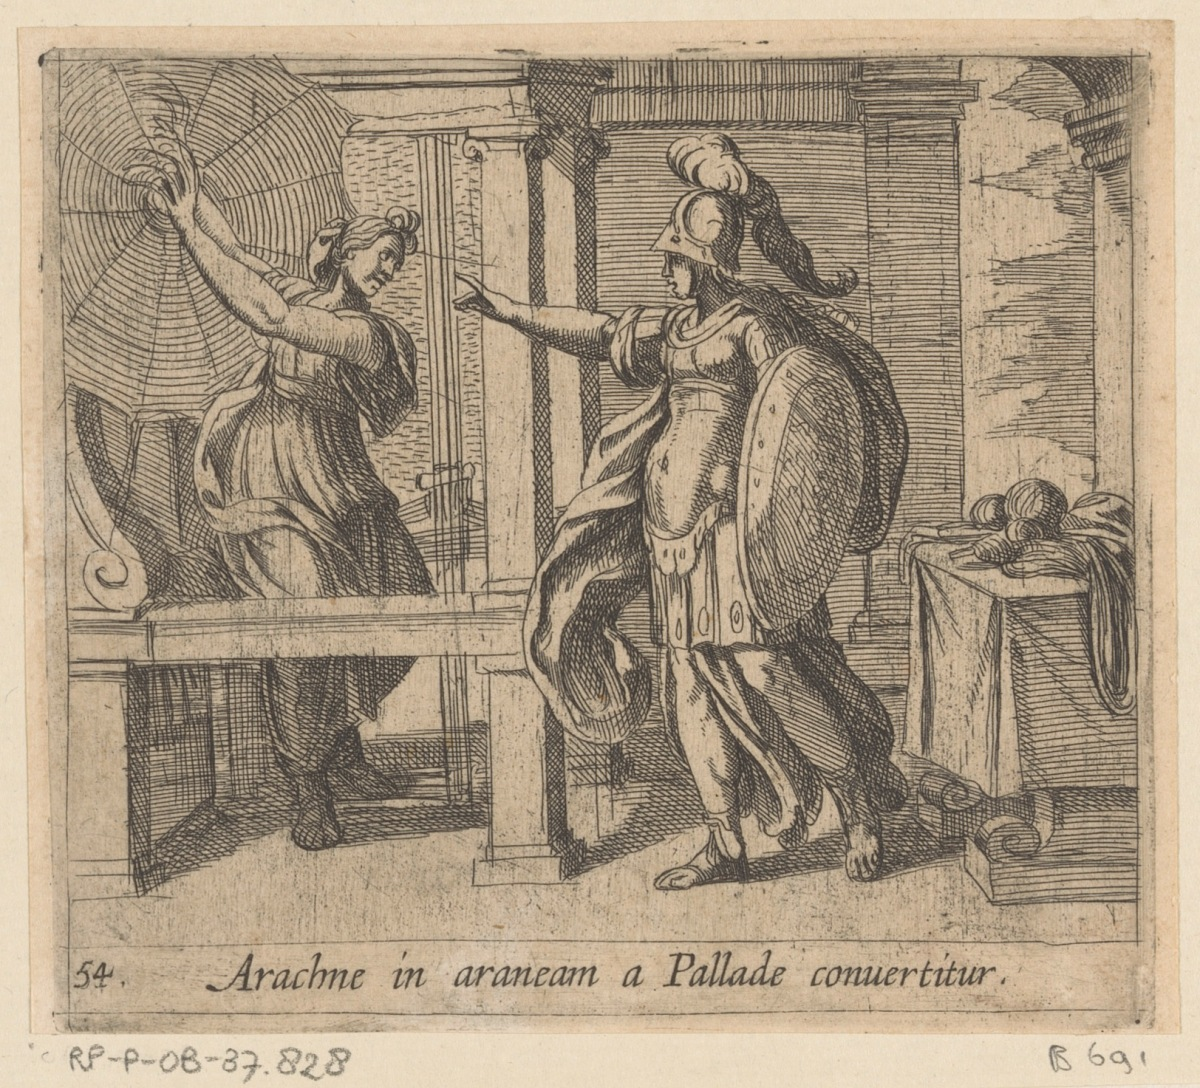 La soberbia de la impiedad: hibris, mito y castigo en Aracne